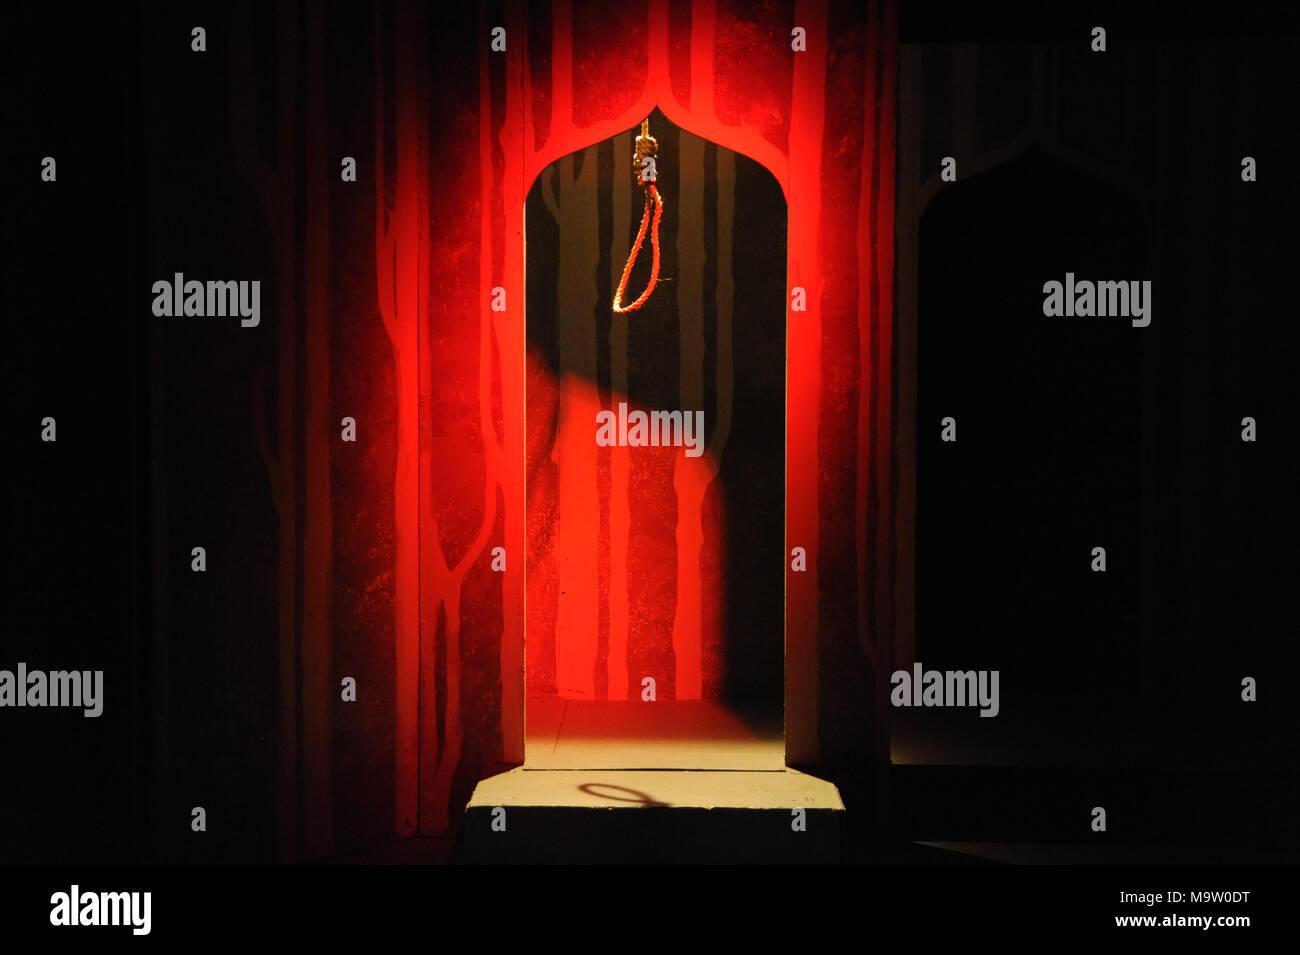 Hang Mans Noose - Stock Image